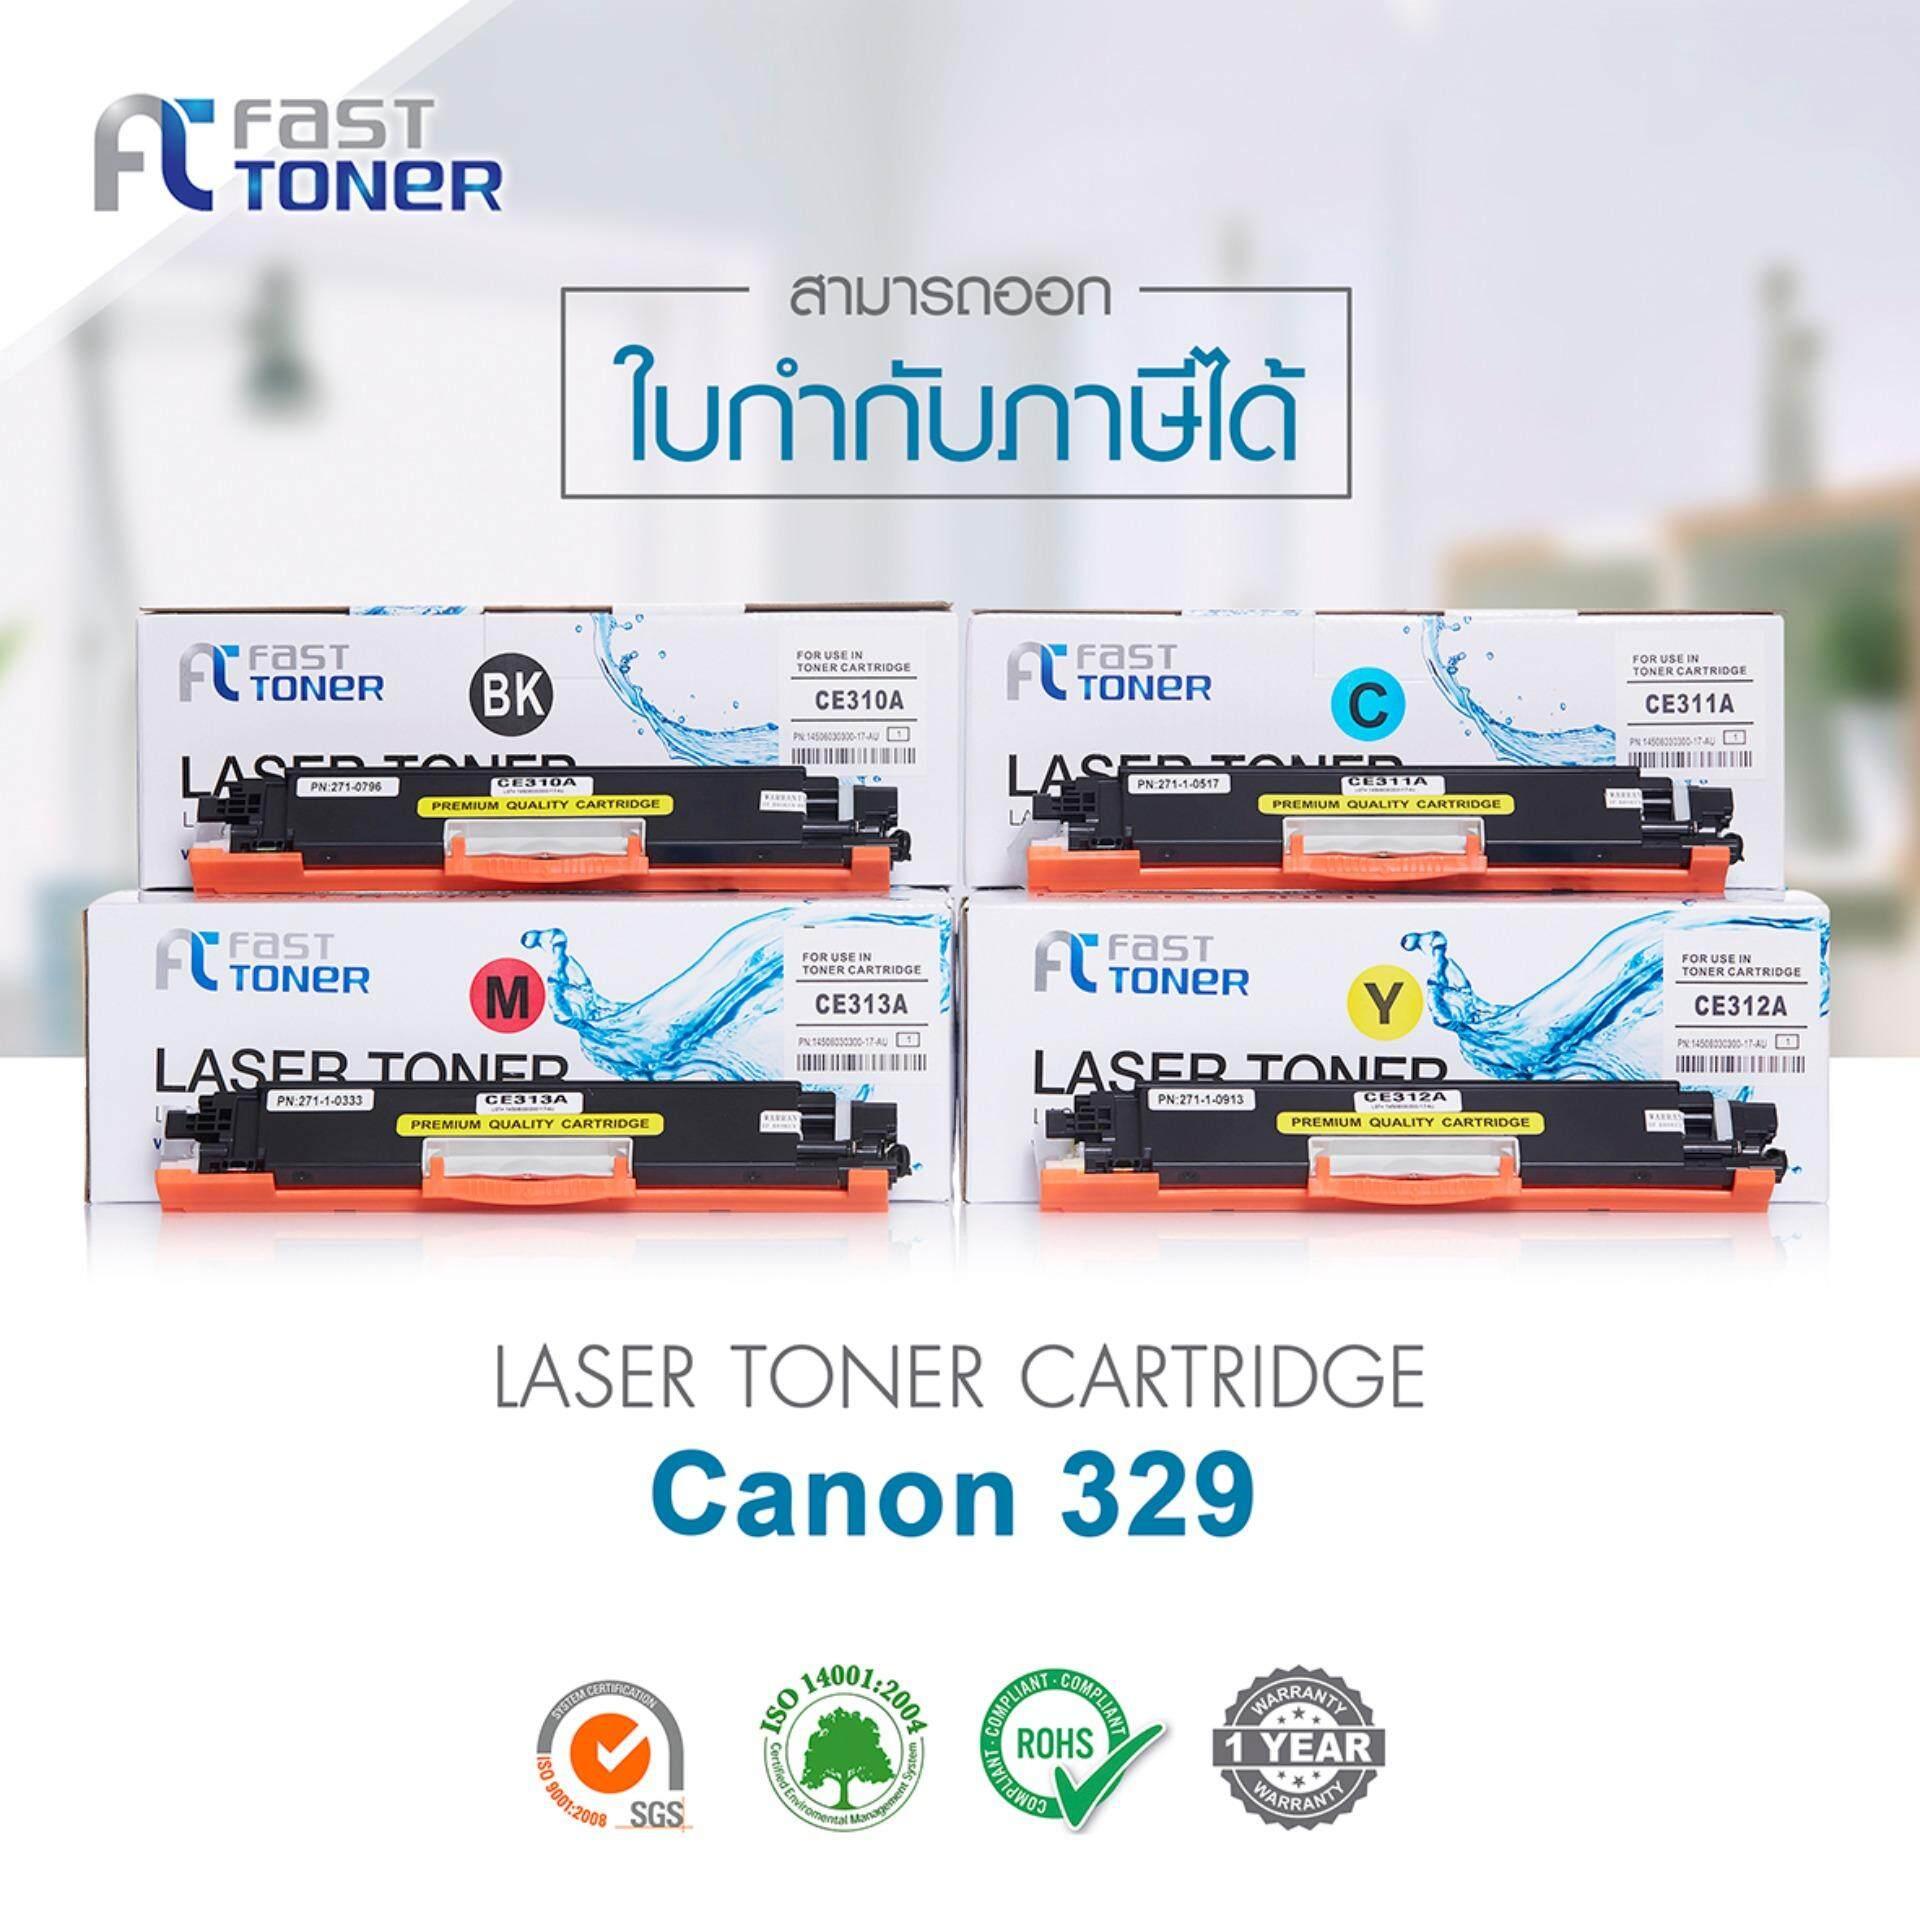 ราคา Fast Toner ตลับหมึกเลเซอร์ Canon Cartridge 329 4สี ดำ ฟ้า เหลือง แดง สำหรับปริ๊นเตอร์ Canon Lbp7010C Canon Lbp7018C ปริมาณการพิมพ์ 1 000 แผ่น กรุงเทพมหานคร